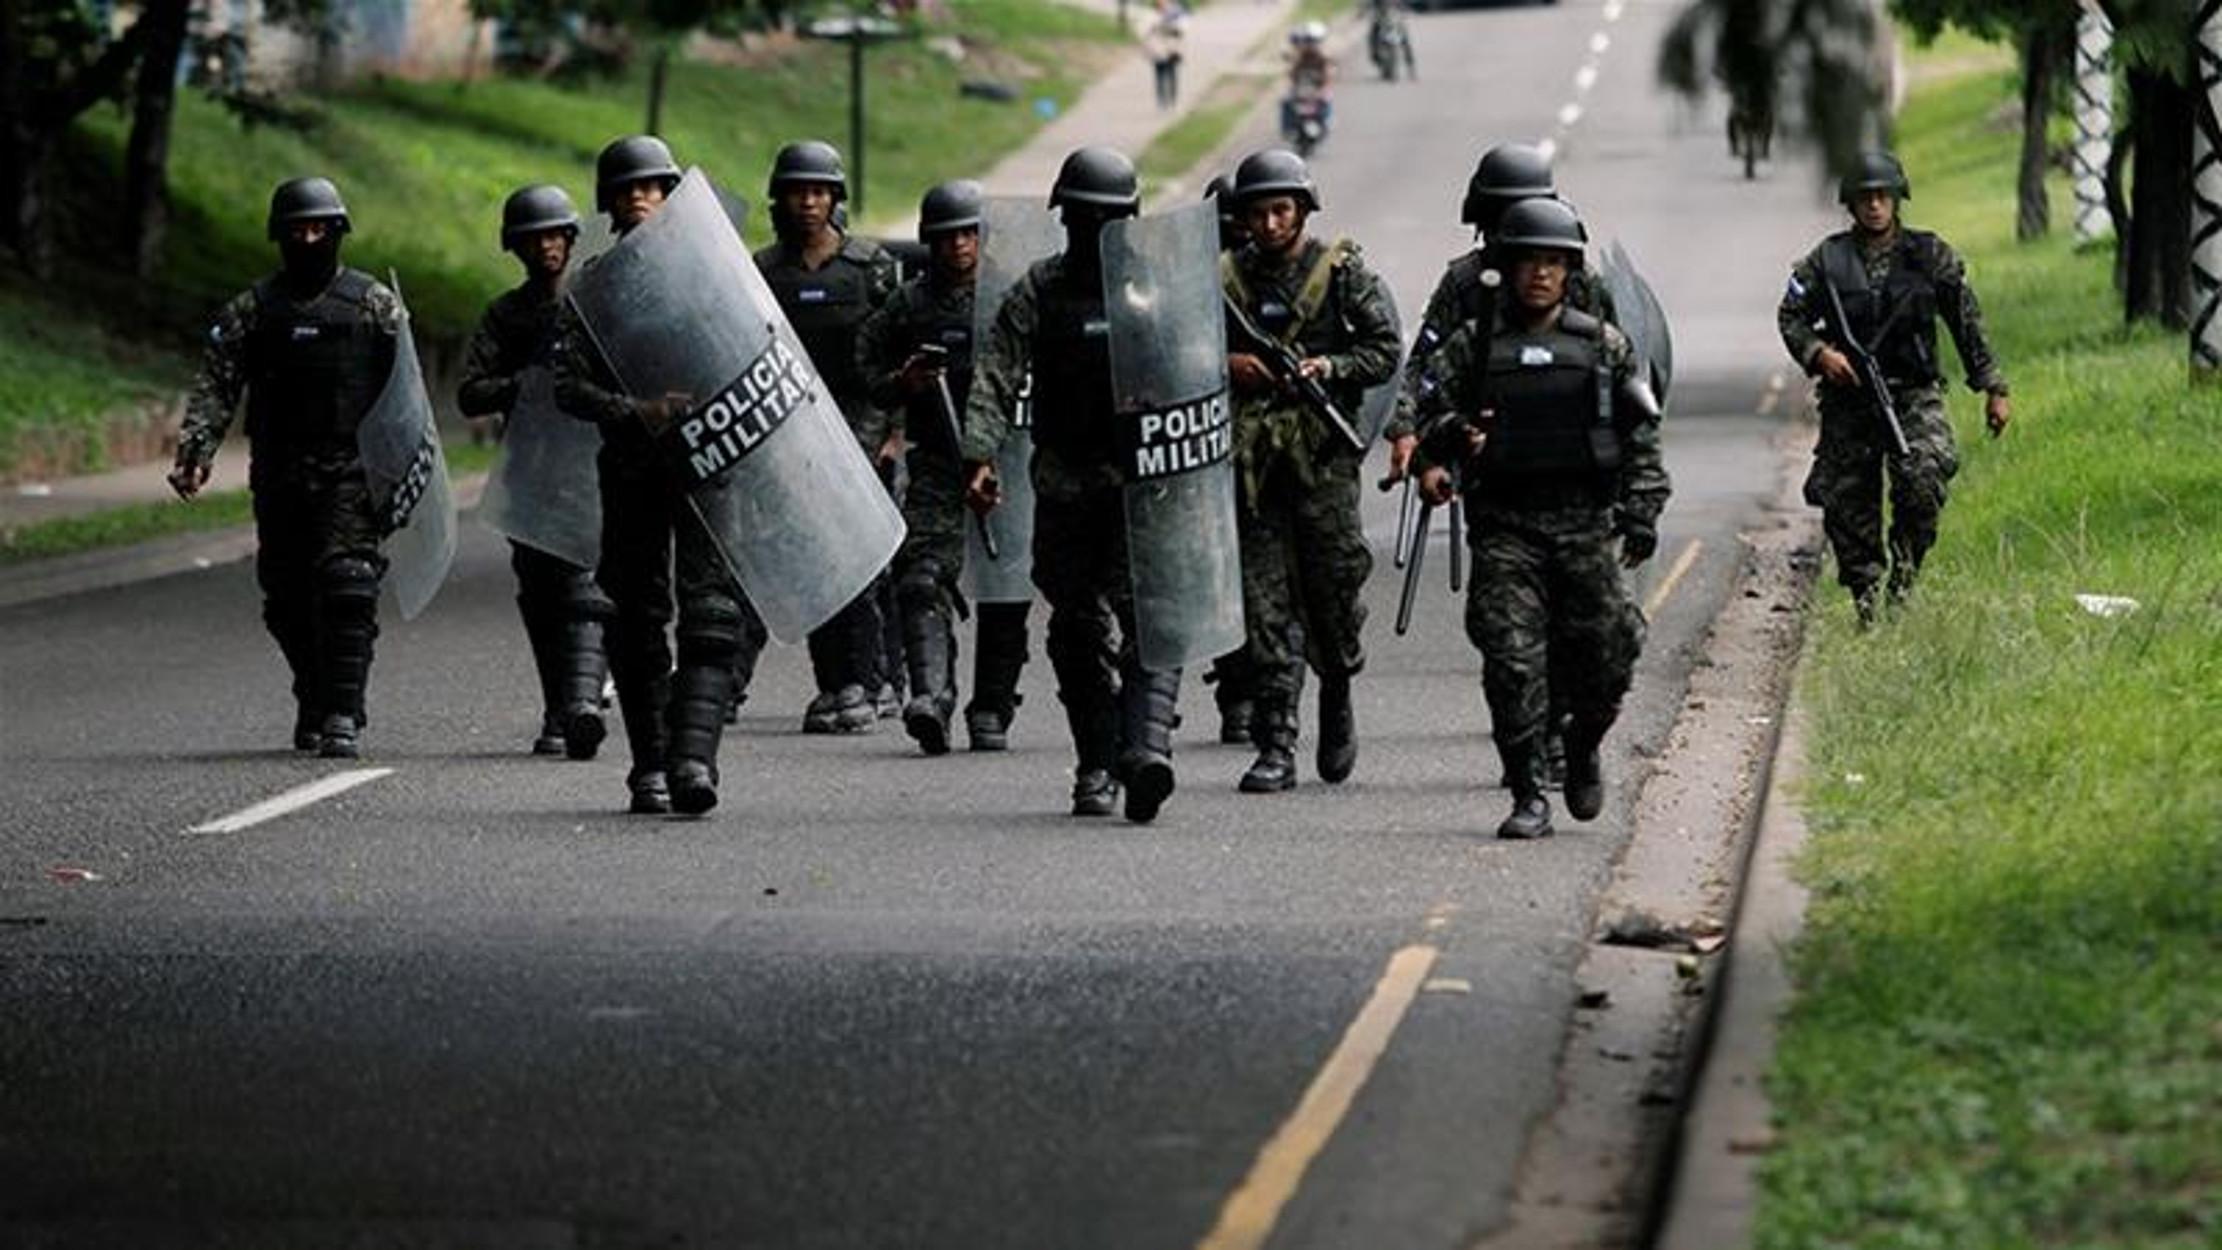 Ονδούρα: Μπλόκο κατοίκων σε… νεκρούς του κορονοϊού! Δεν αφήνουν να ταφούν στην περιοχή τους